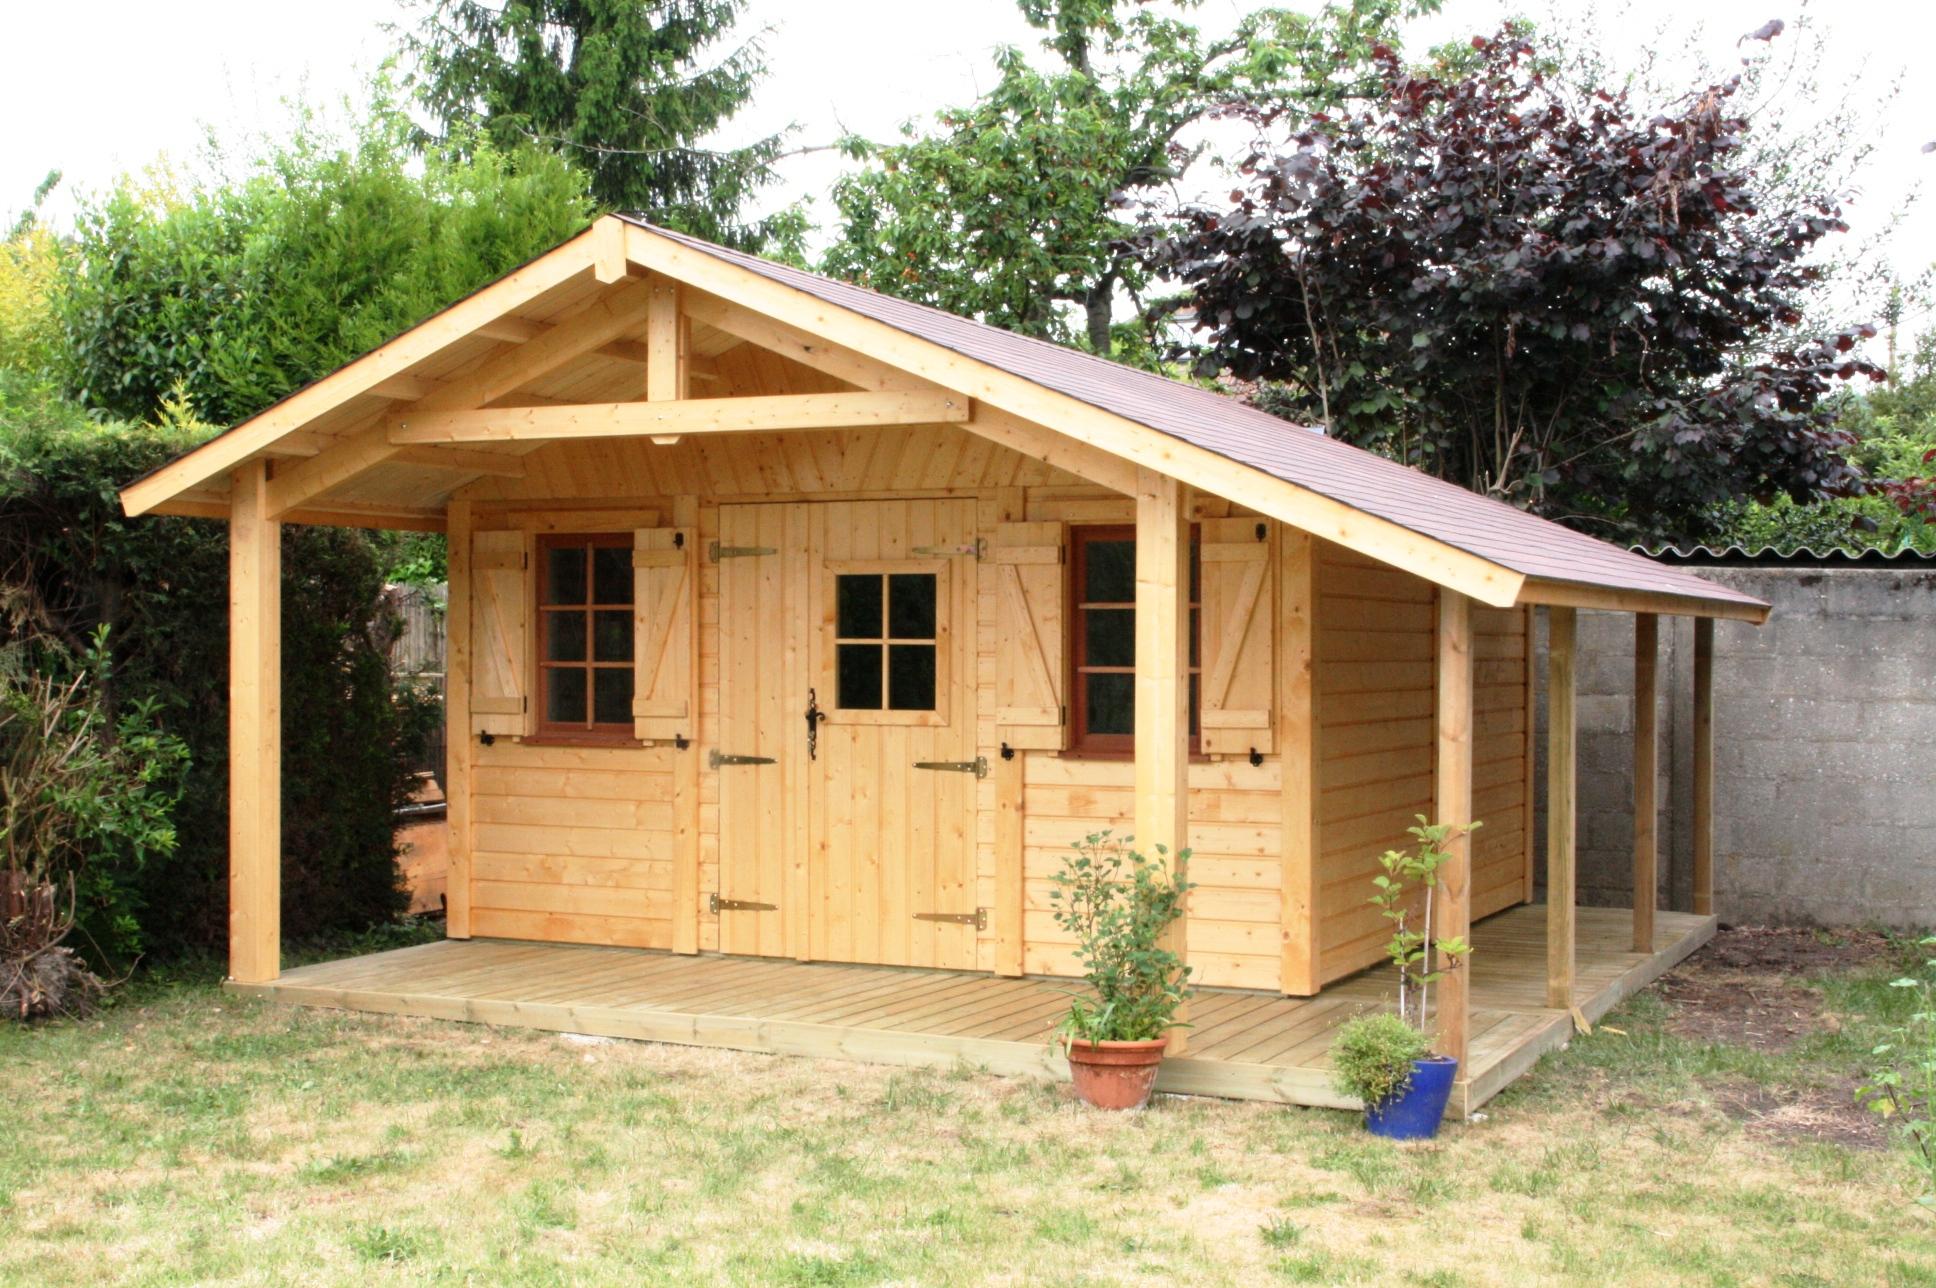 Petite maison de jardin en bois Cabanes and co